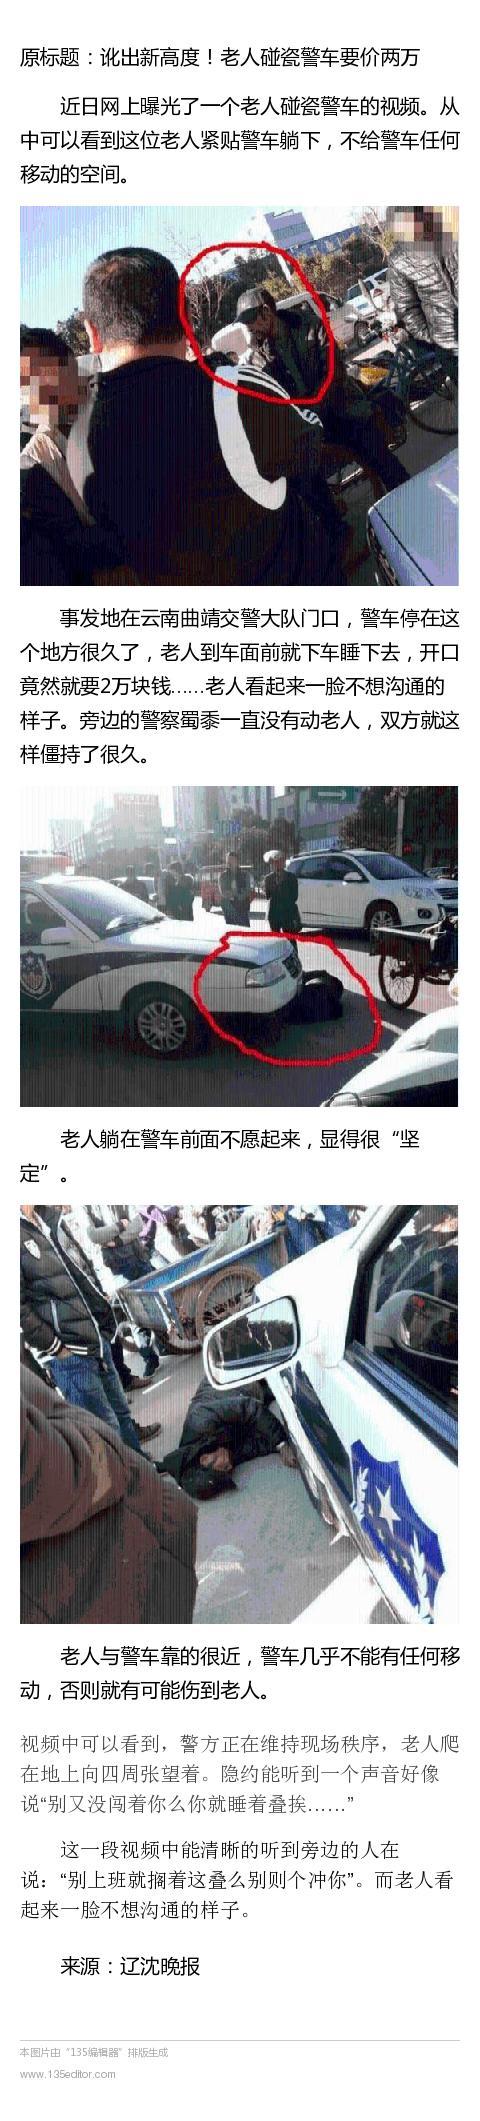 老人碰瓷警车要价两万 与警察僵持许久